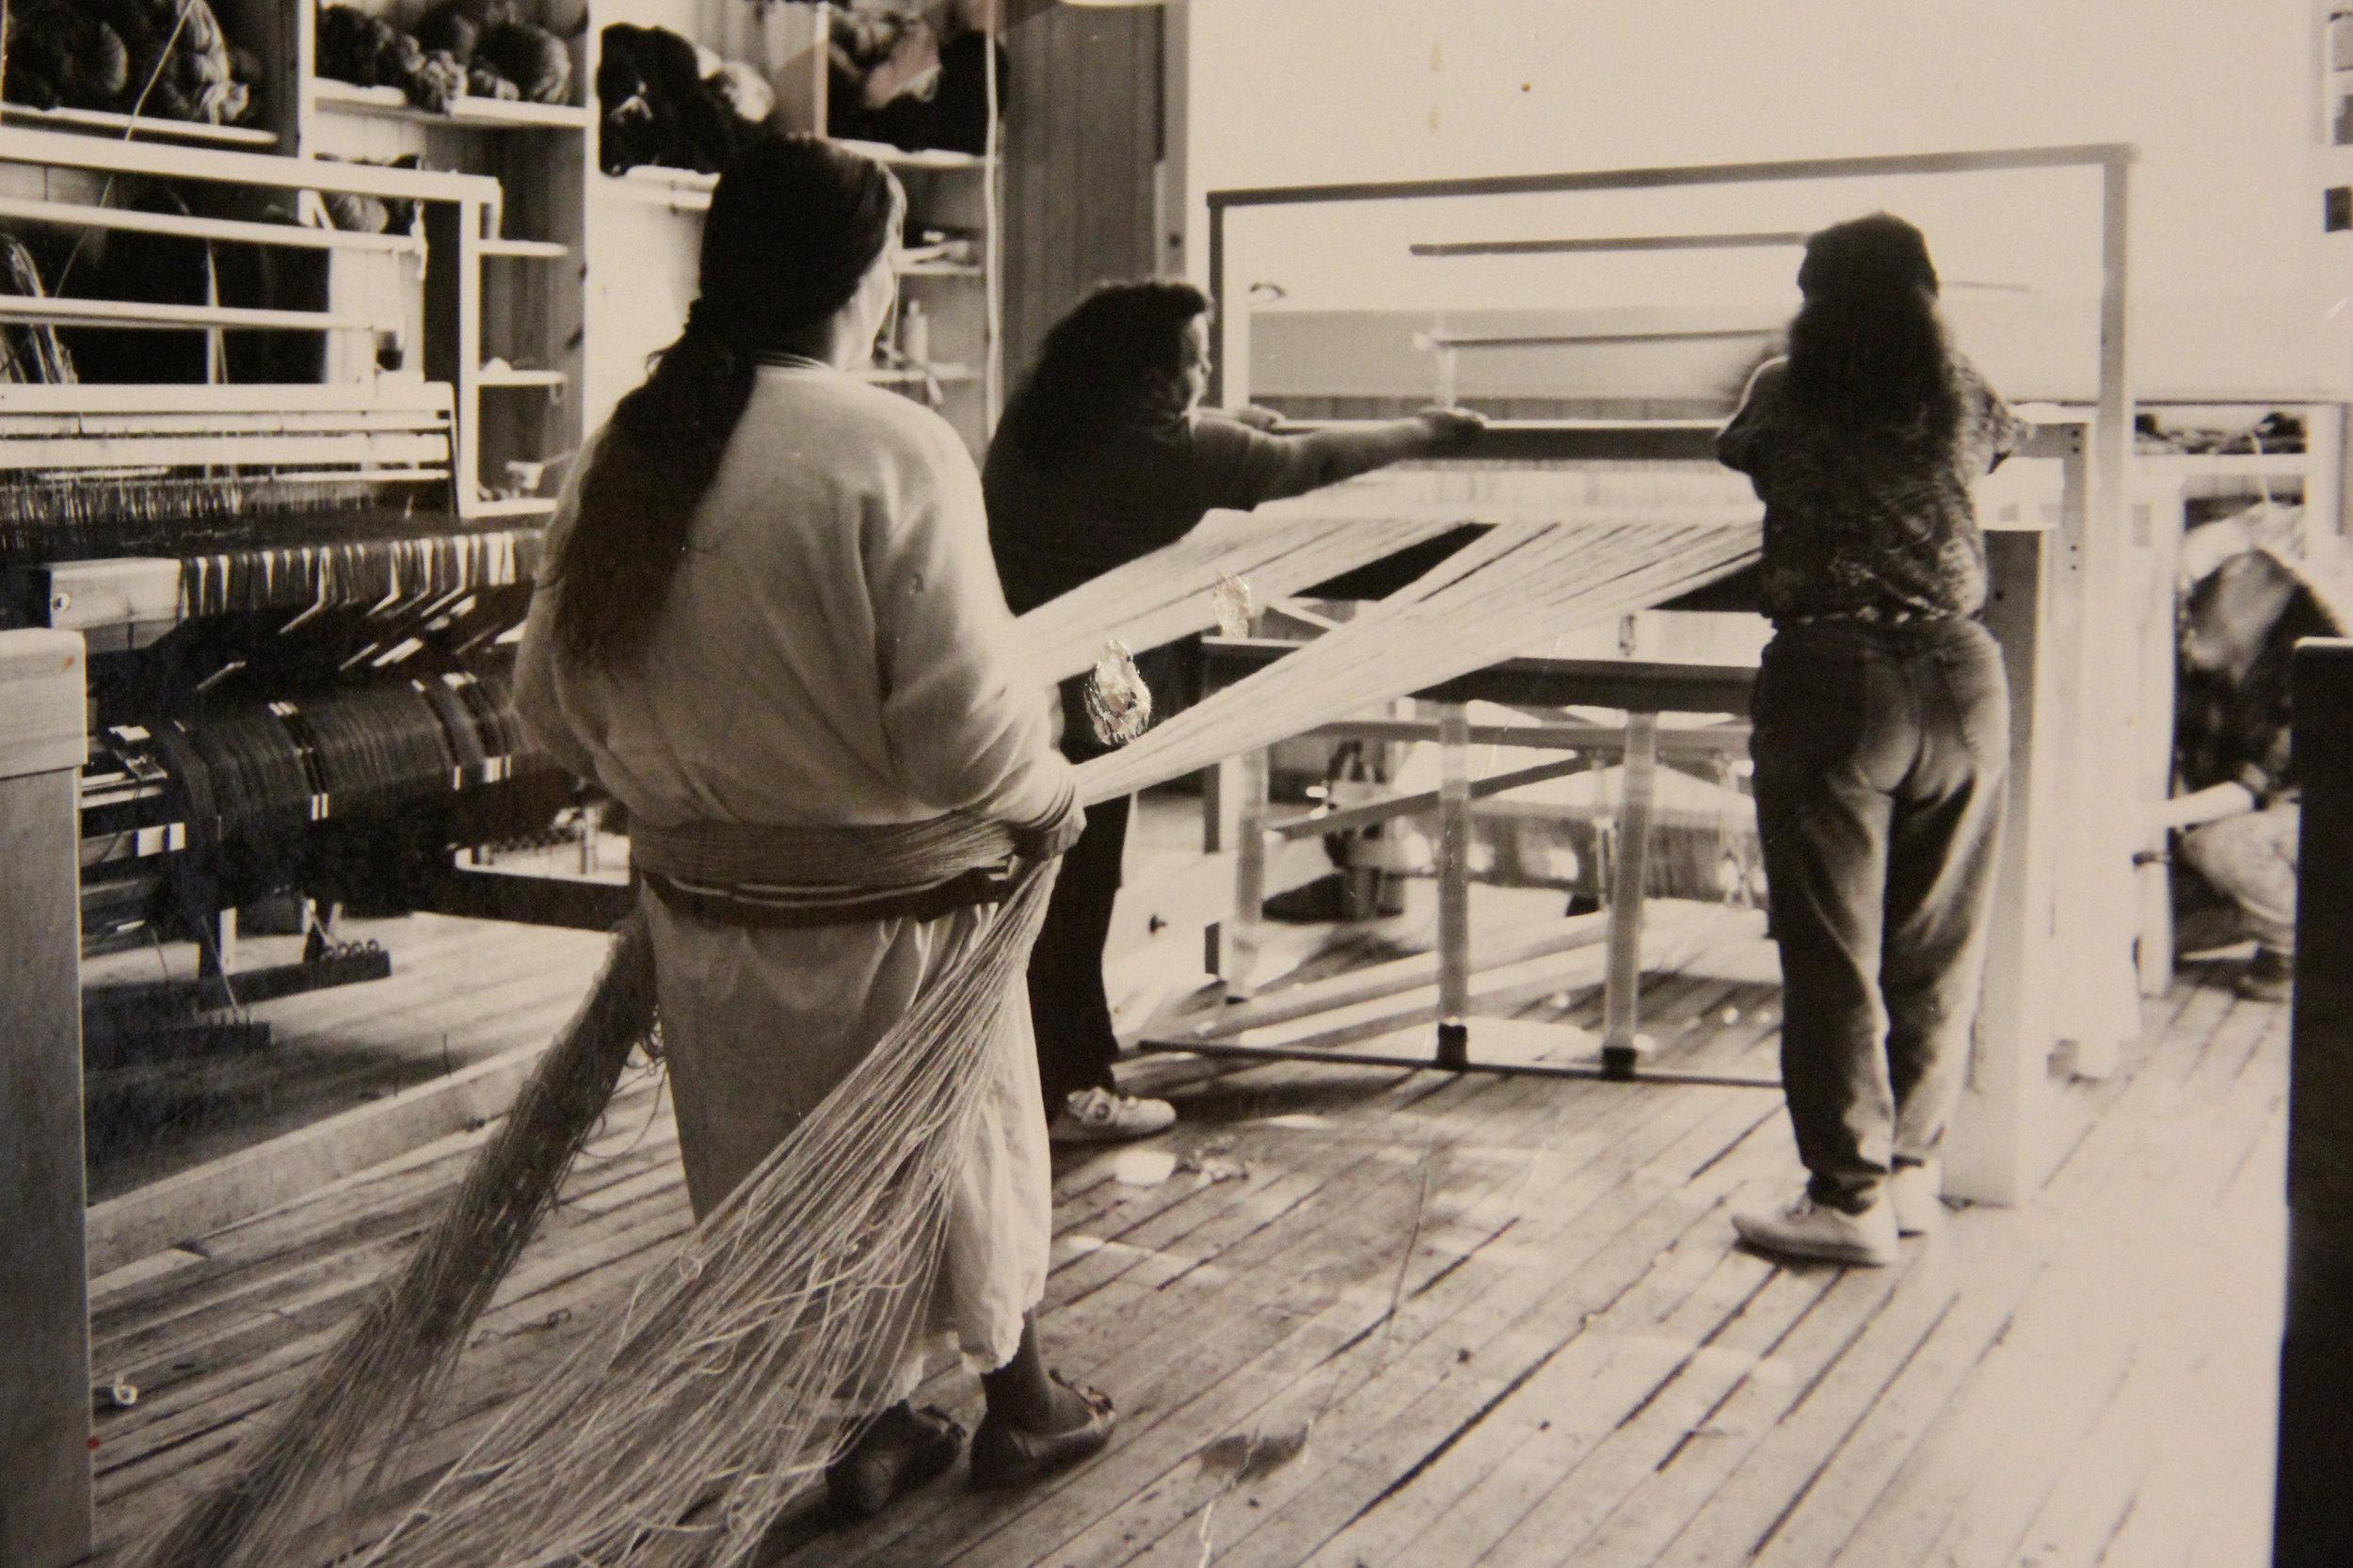 Tierra Wools weavers warp a loom in the 1980s